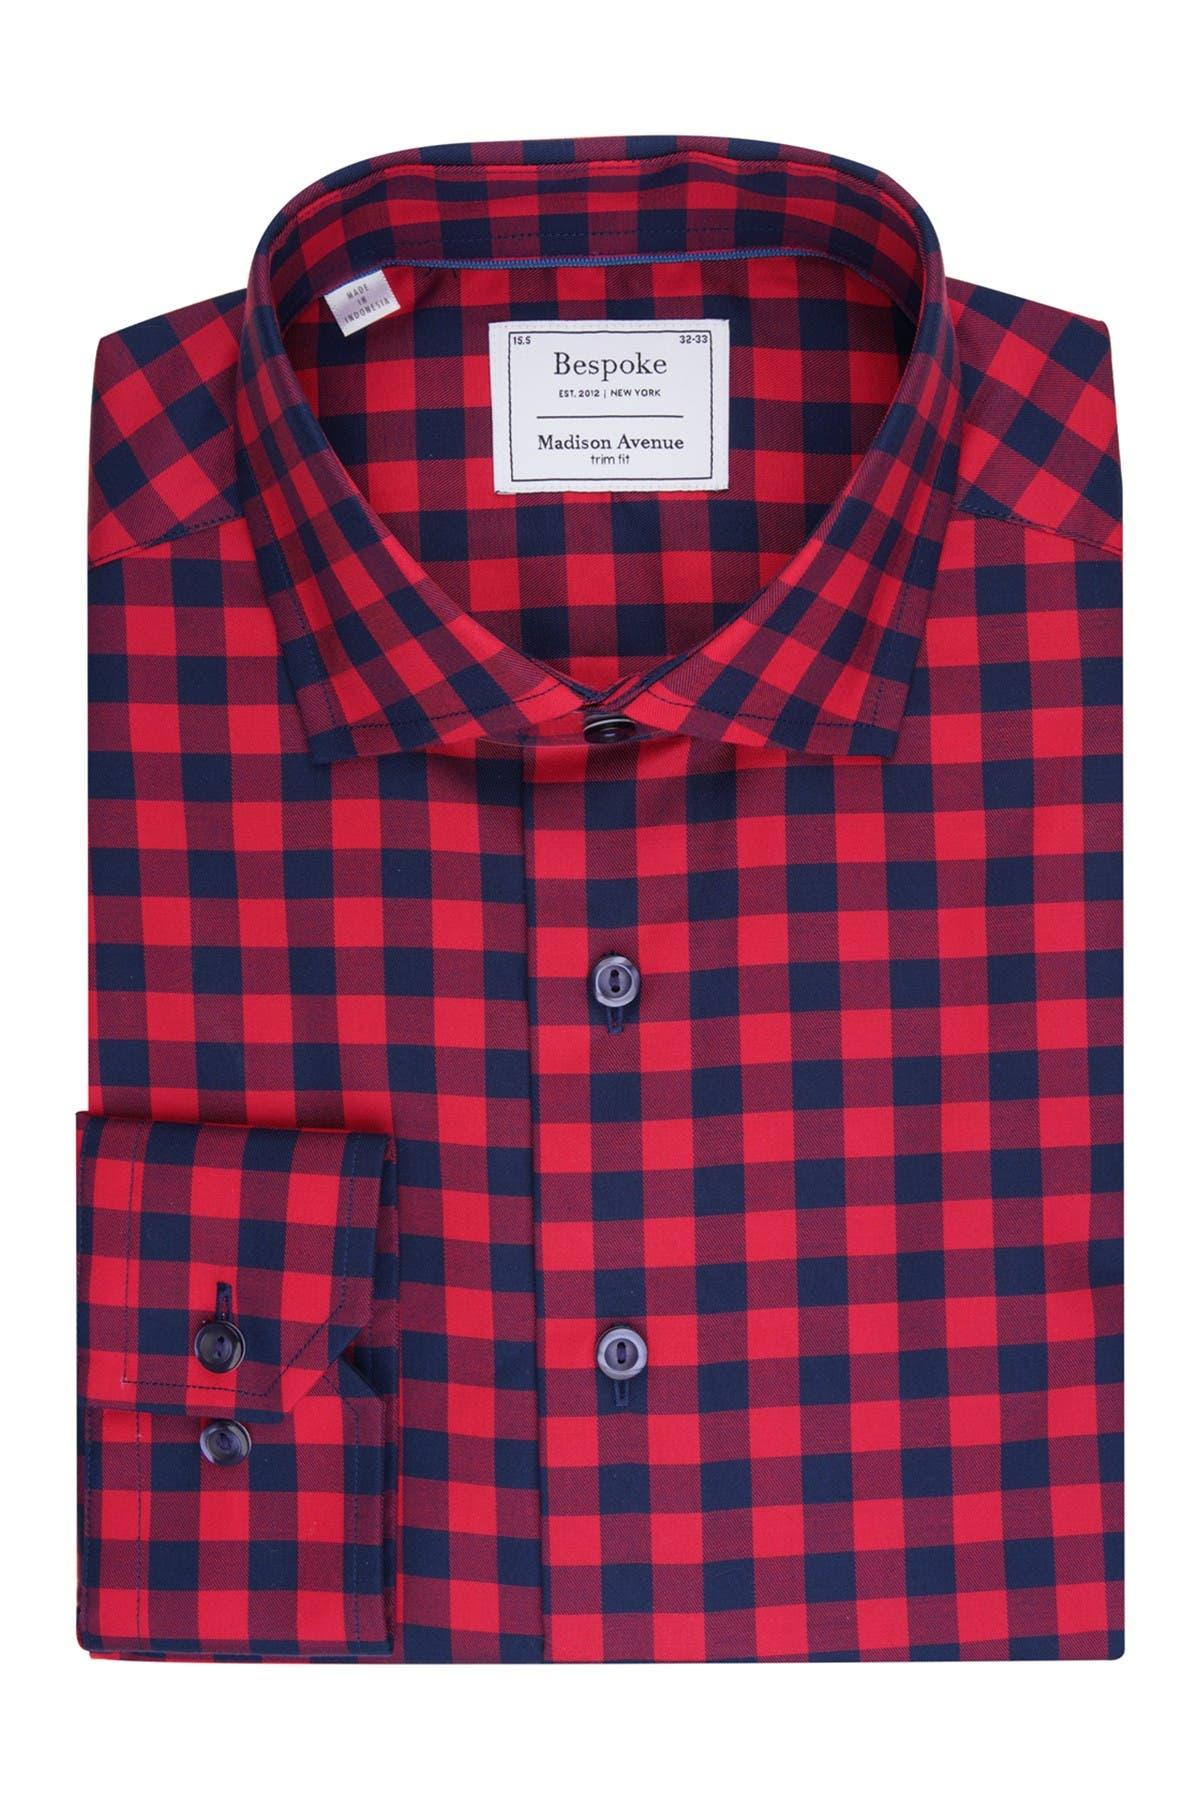 Image of Bespoke Red Buffalo Plaid Dress Shirt